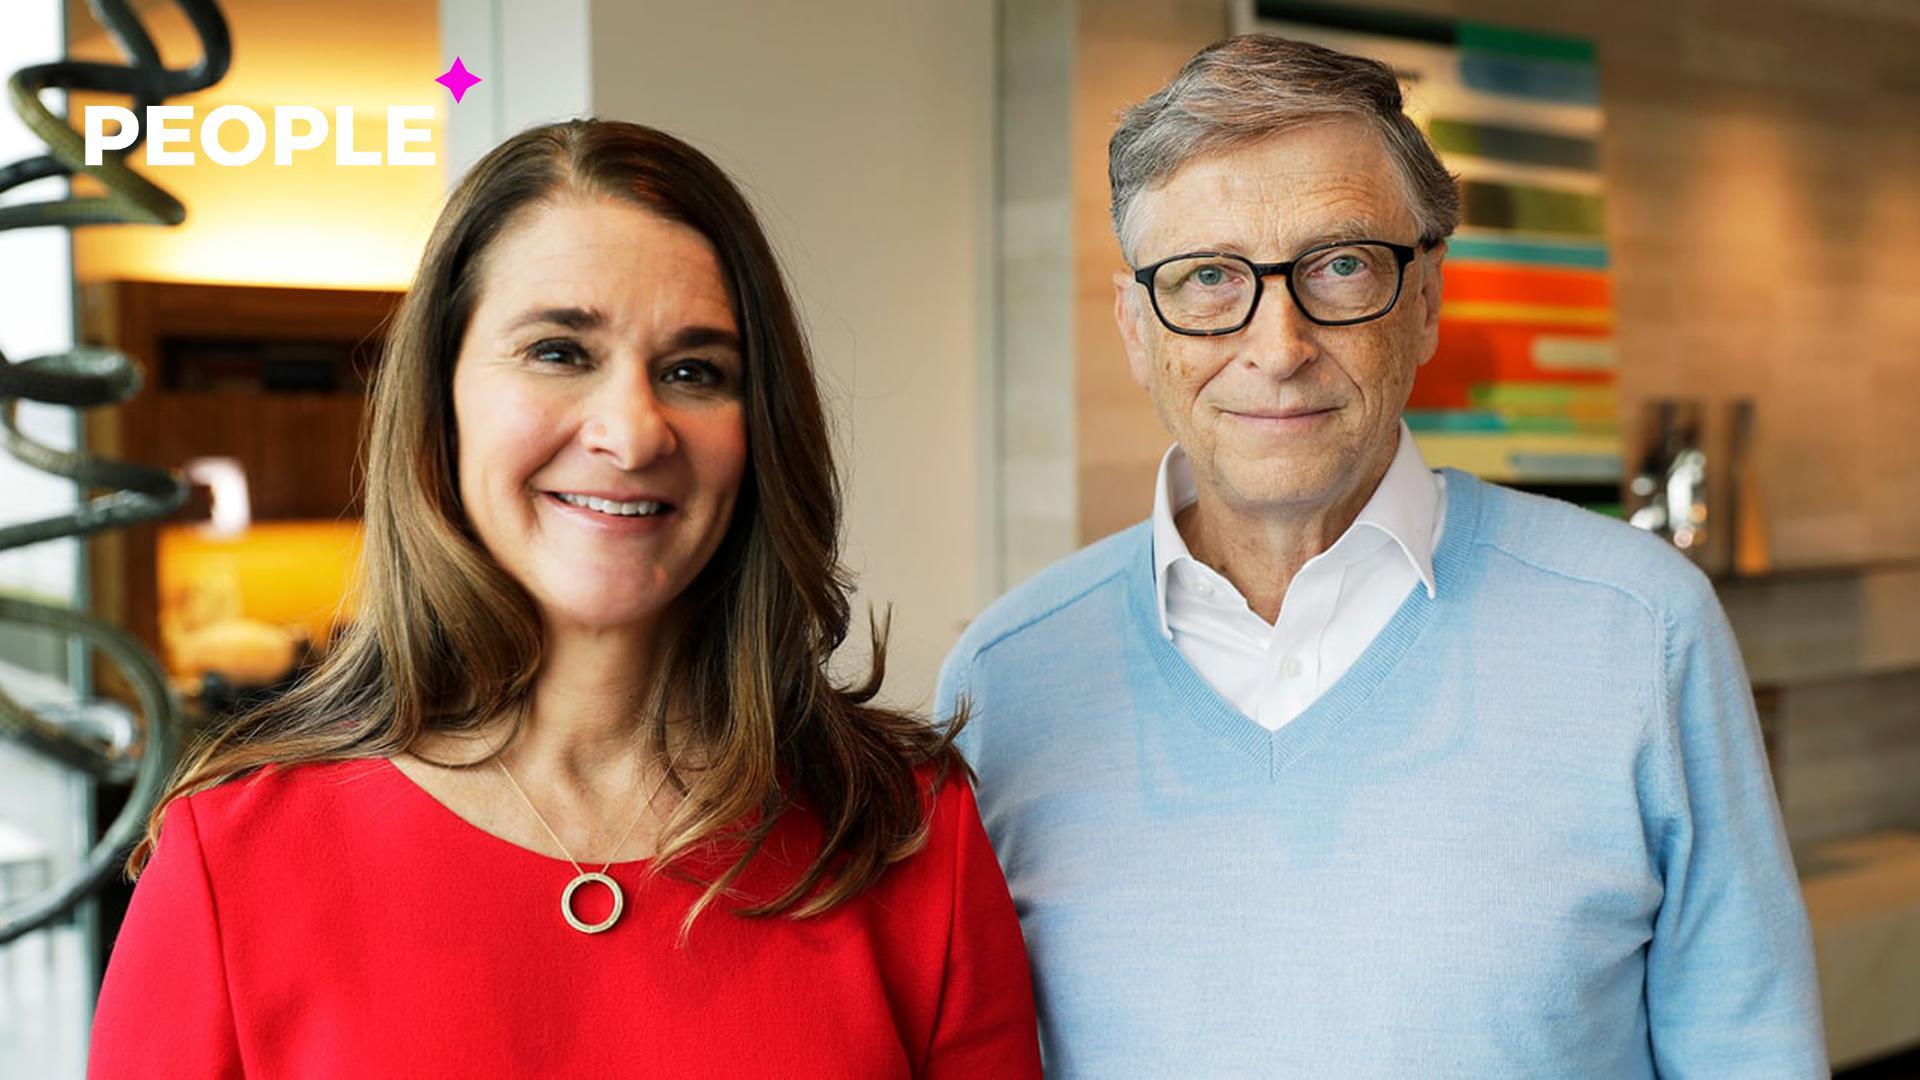 Стали известны истинные причины развода Билла Гейтса и его жены